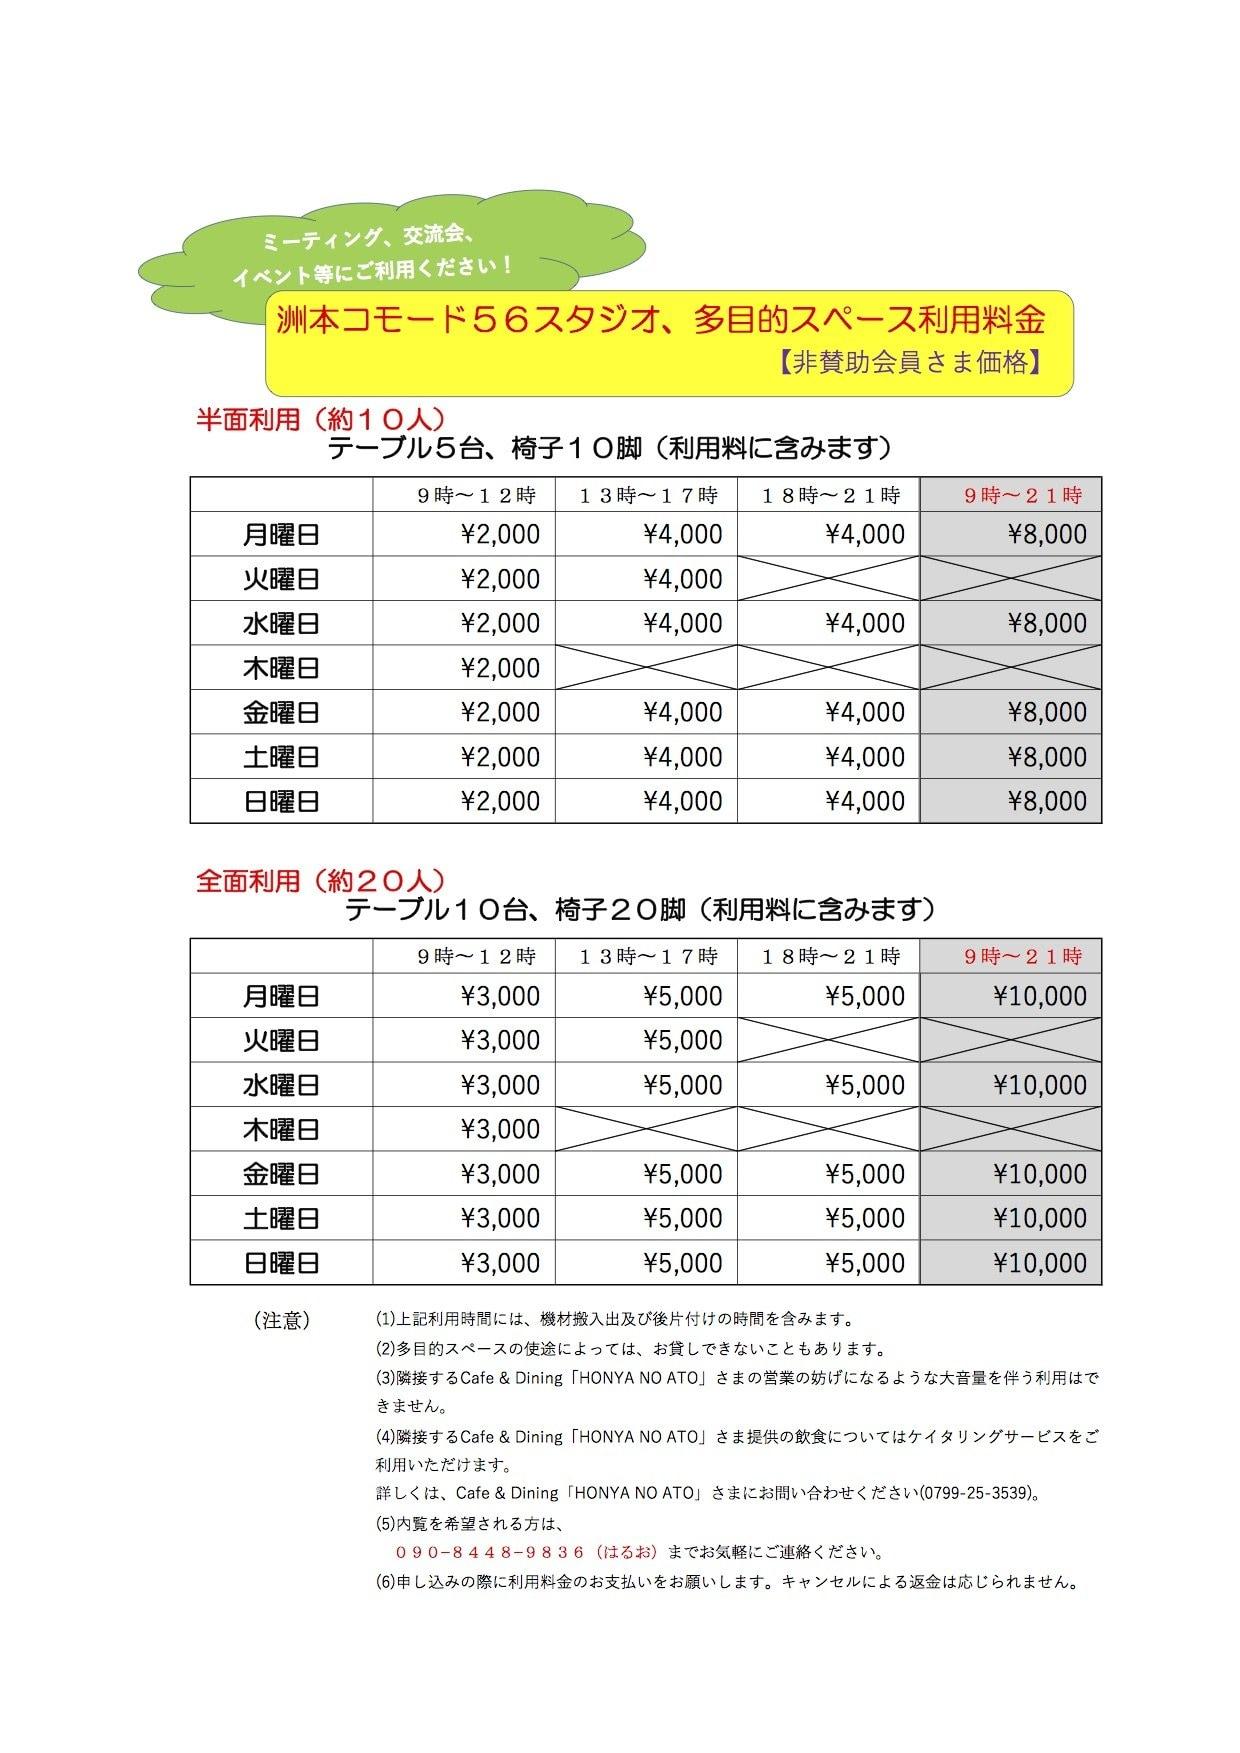 [非会員様]多目的スペース利用券:4,000円のイメージその1